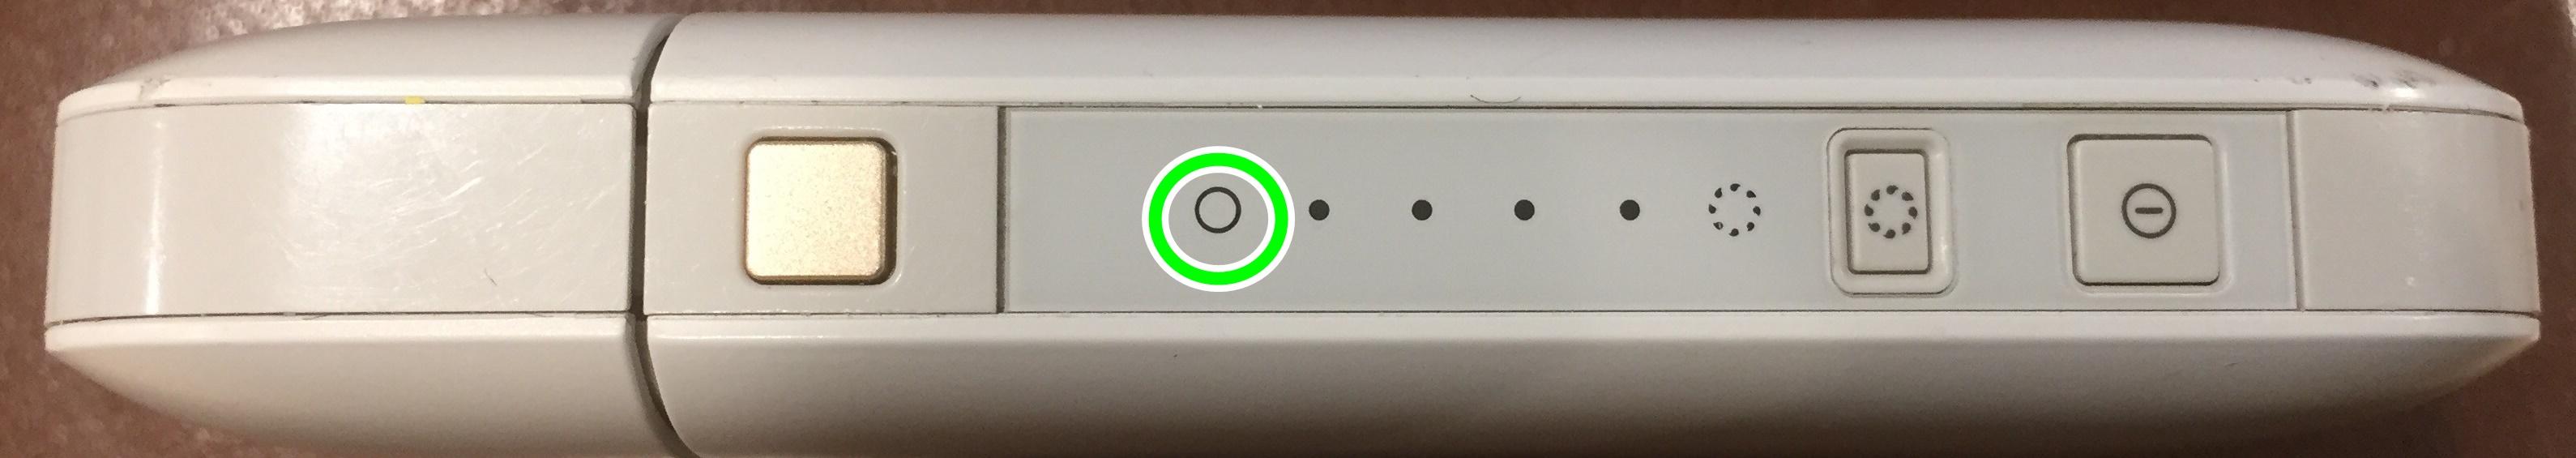 iqos-ranpu-green